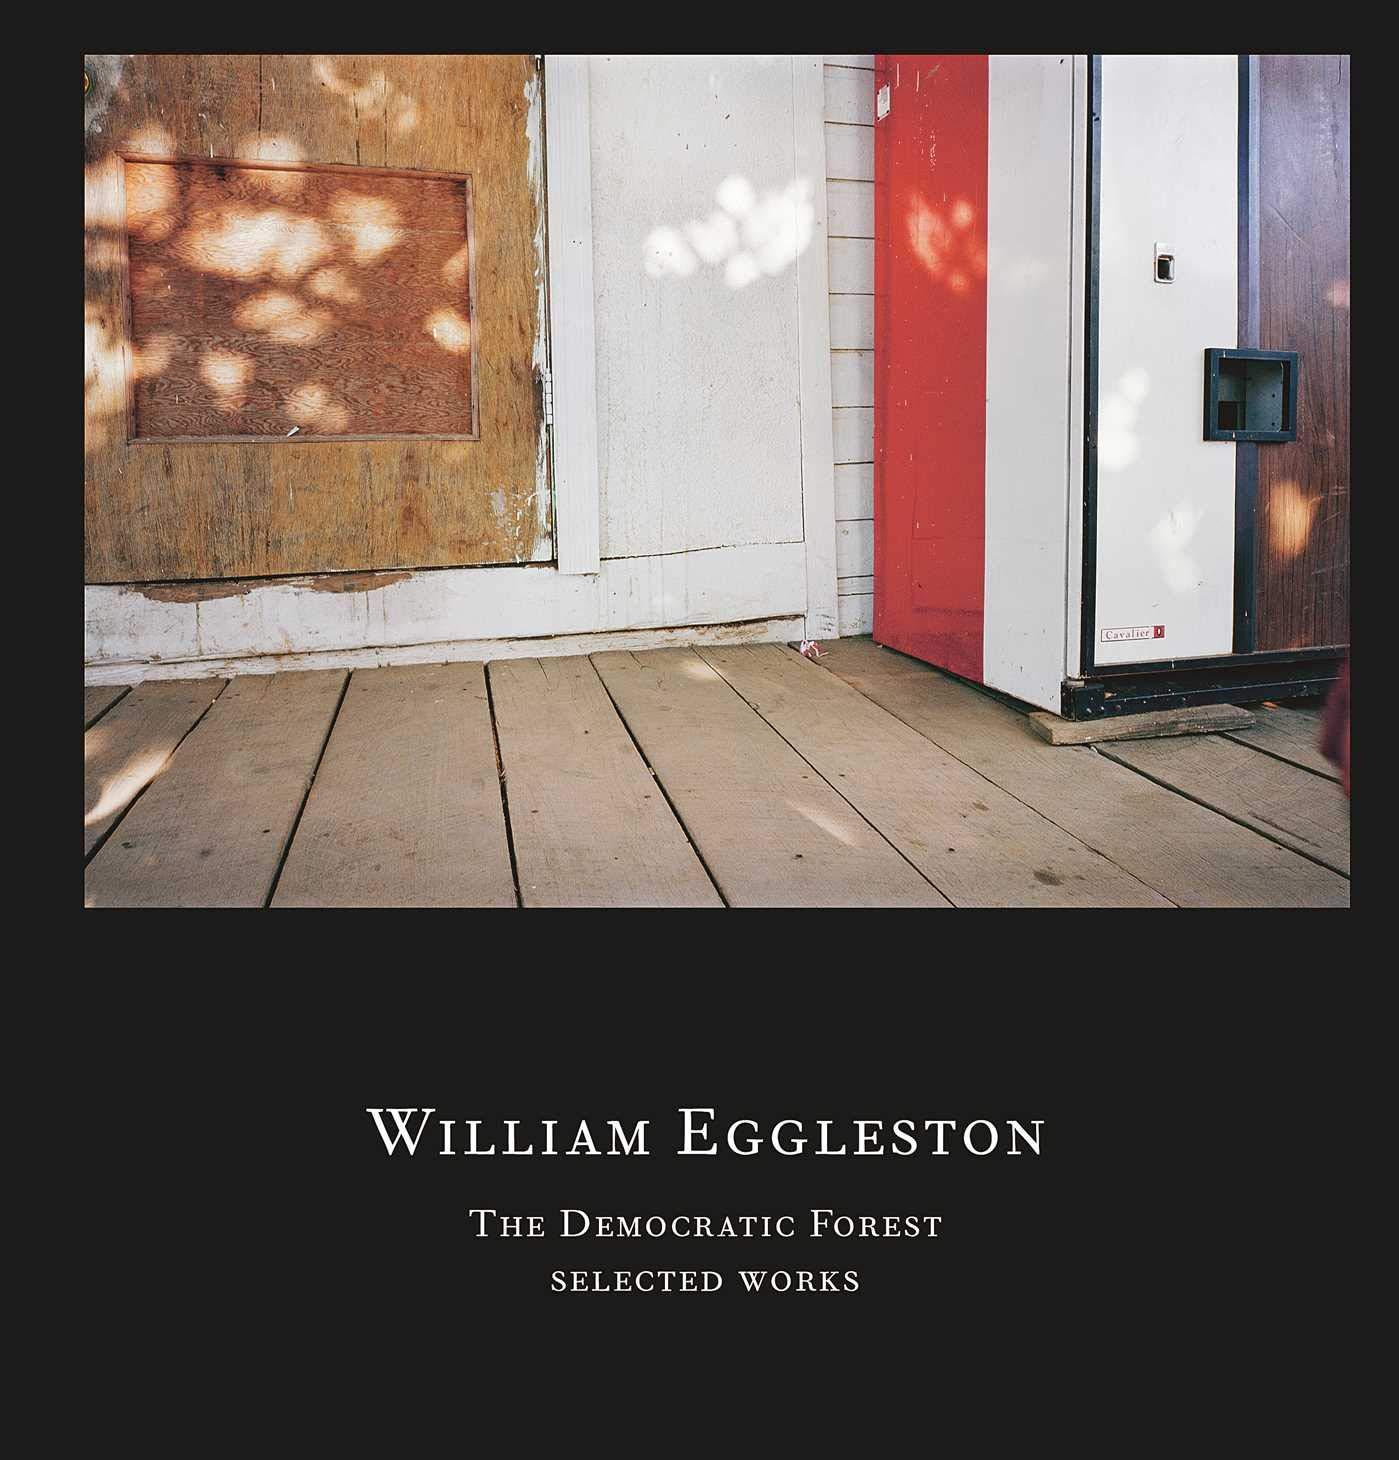 【古本】ウィリアム・エグルストン写真集: WILLIAM EGGLESTON: THE DEMOCRATIC FOREST: SELECTED WORKS